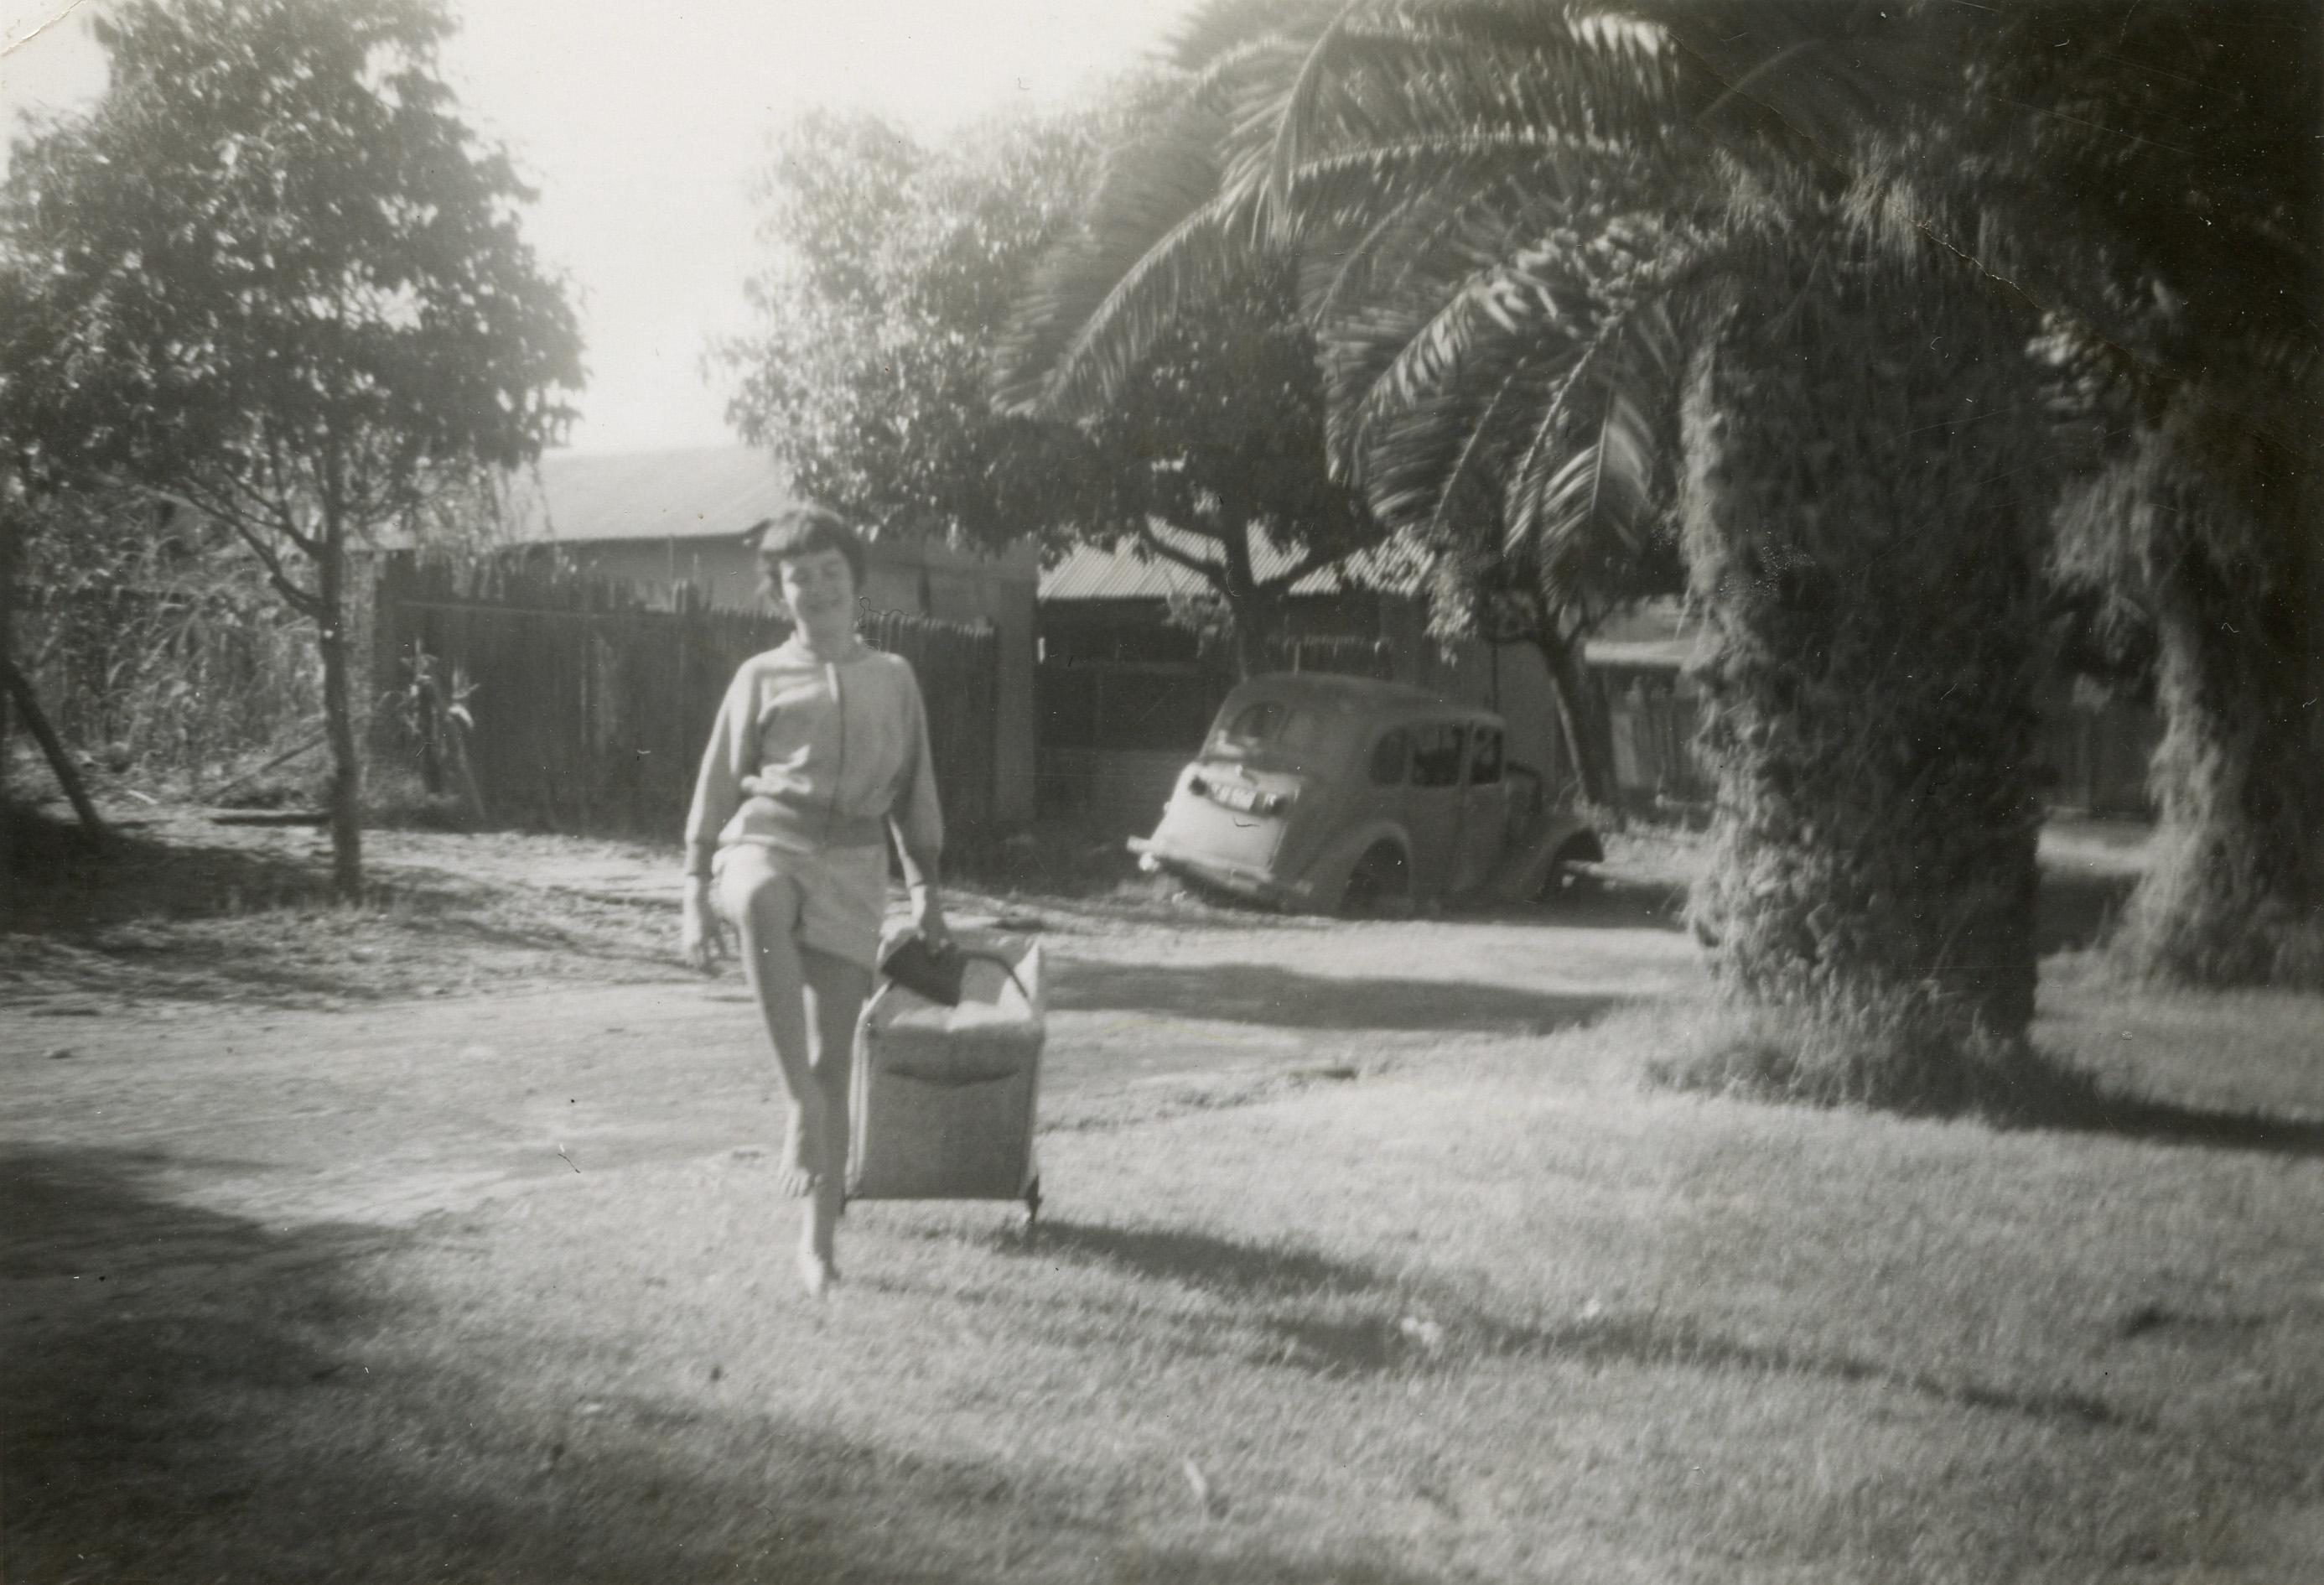 29. Peach St shopper, 1965